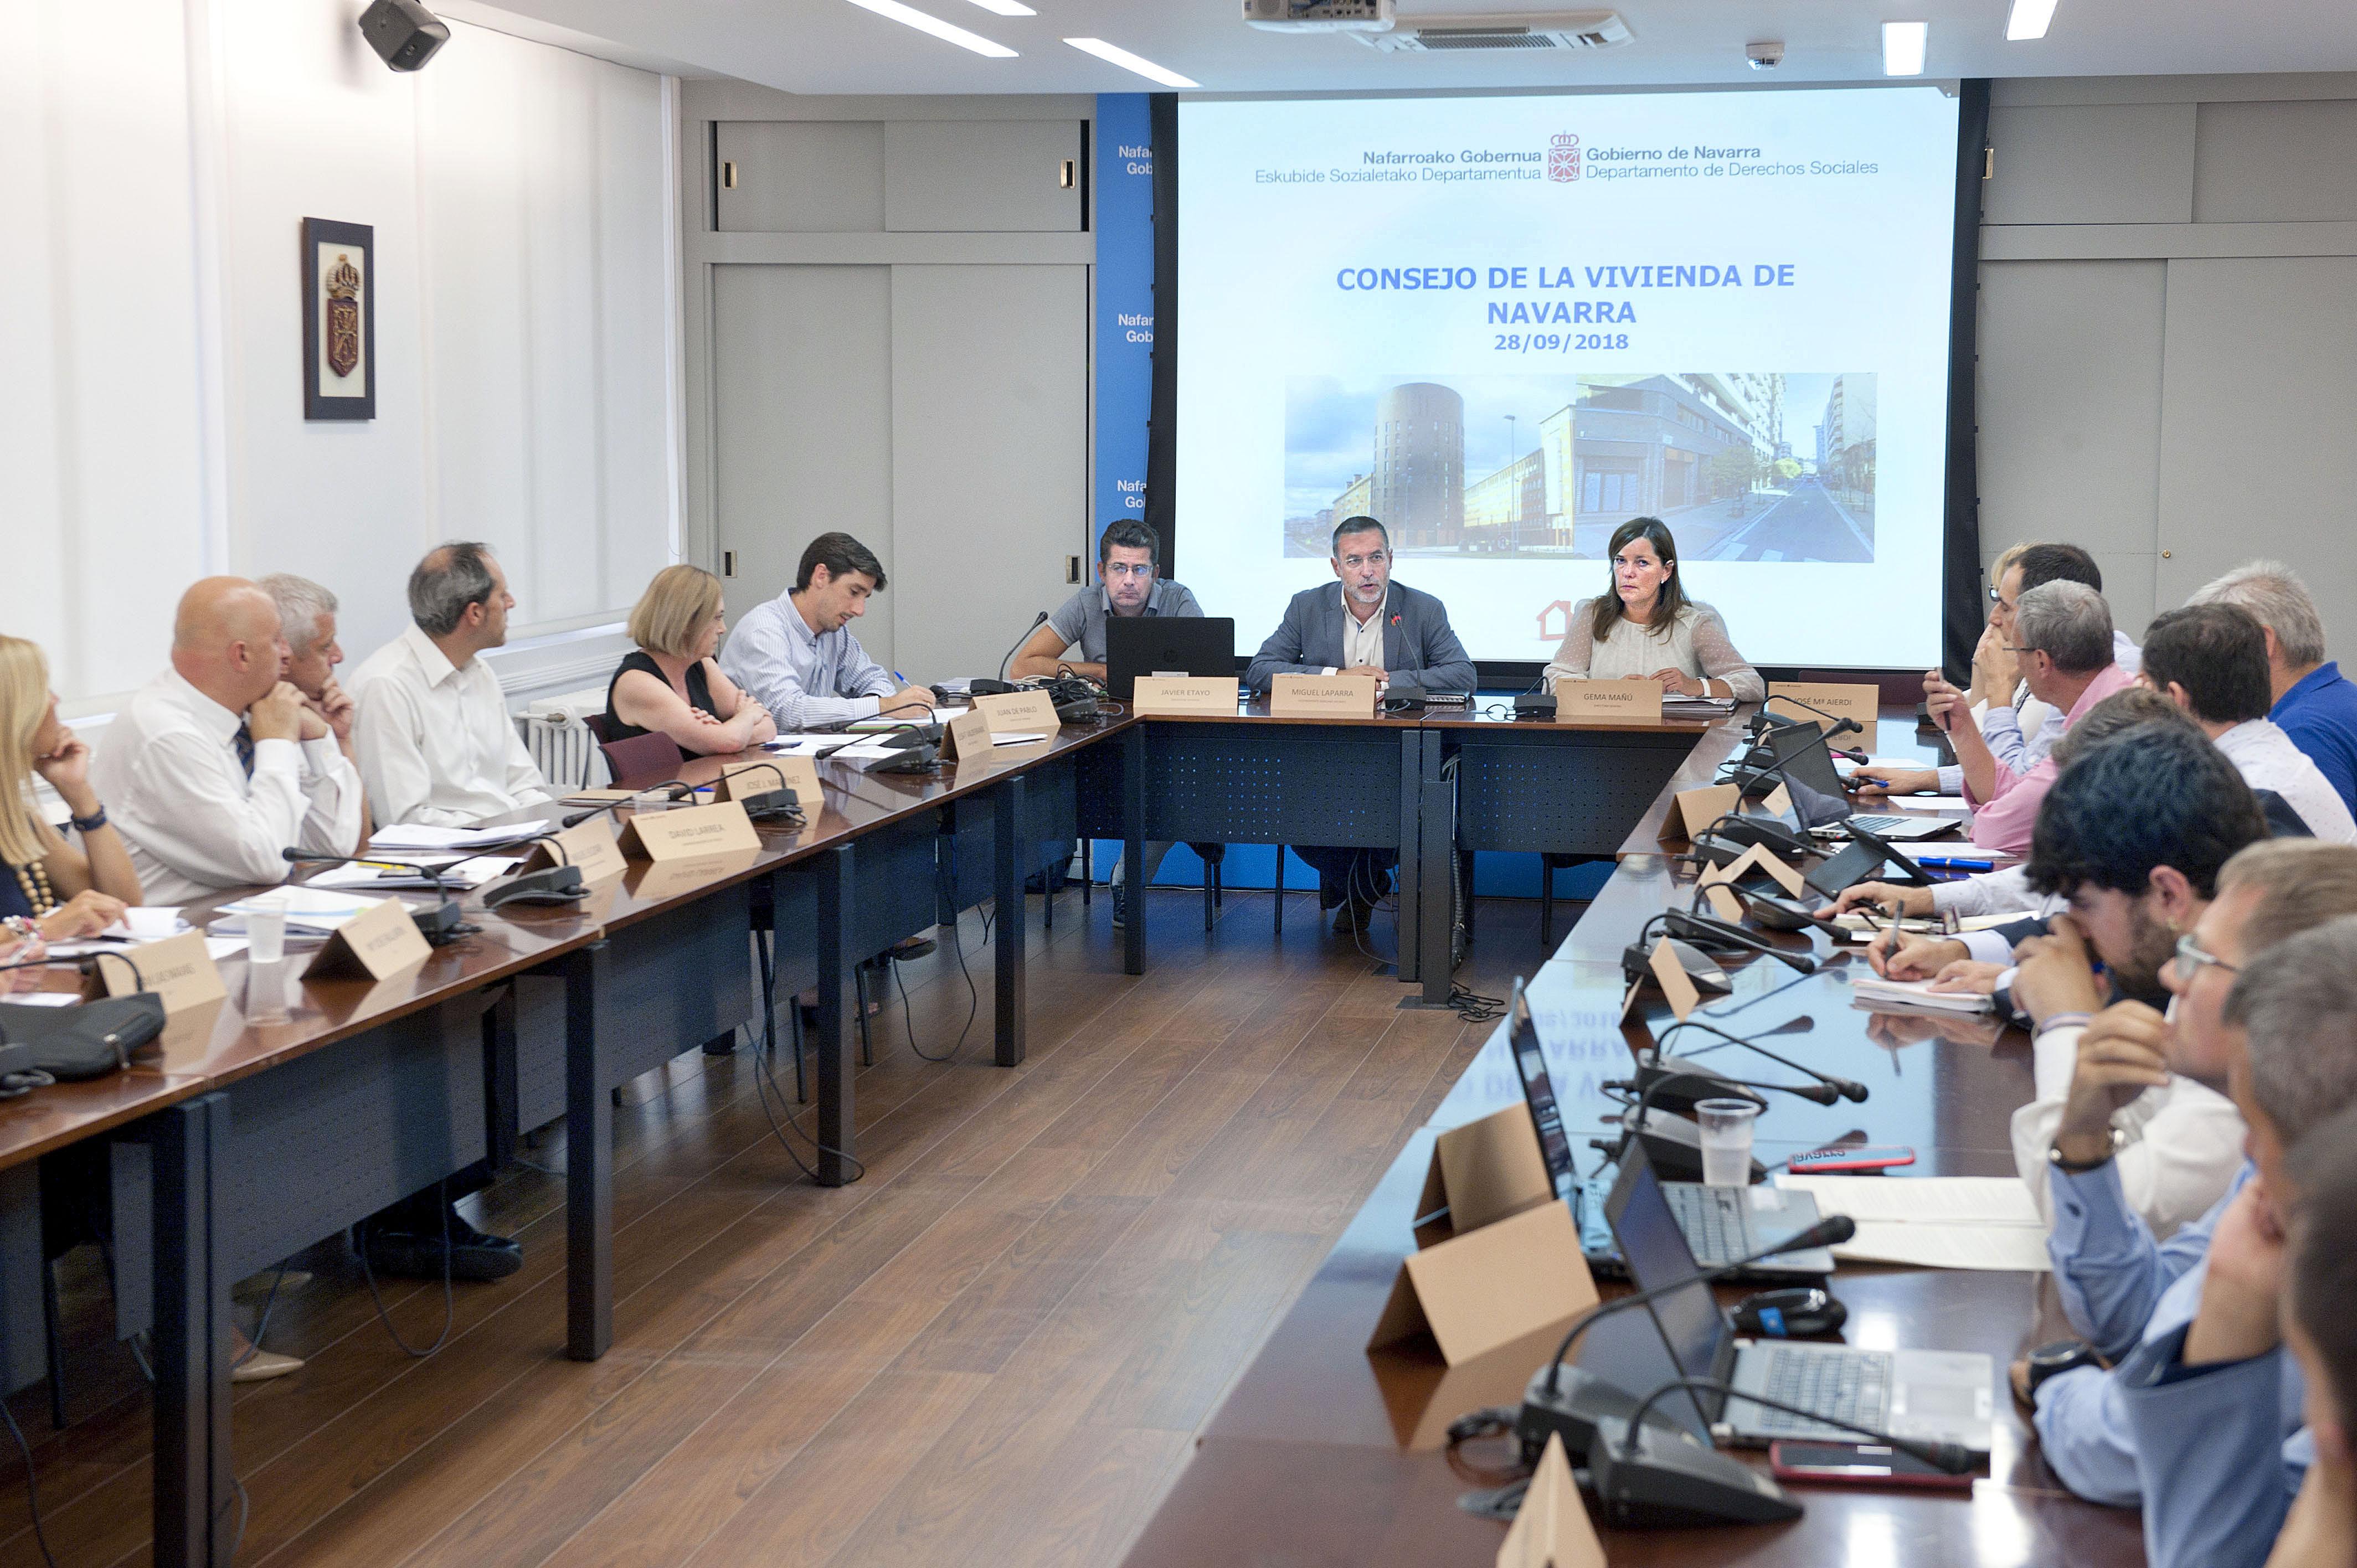 El vicepresidente Laparra y Gema Mañú, con el resto de vocales, en la primera sesión del Consejo de Vivienda